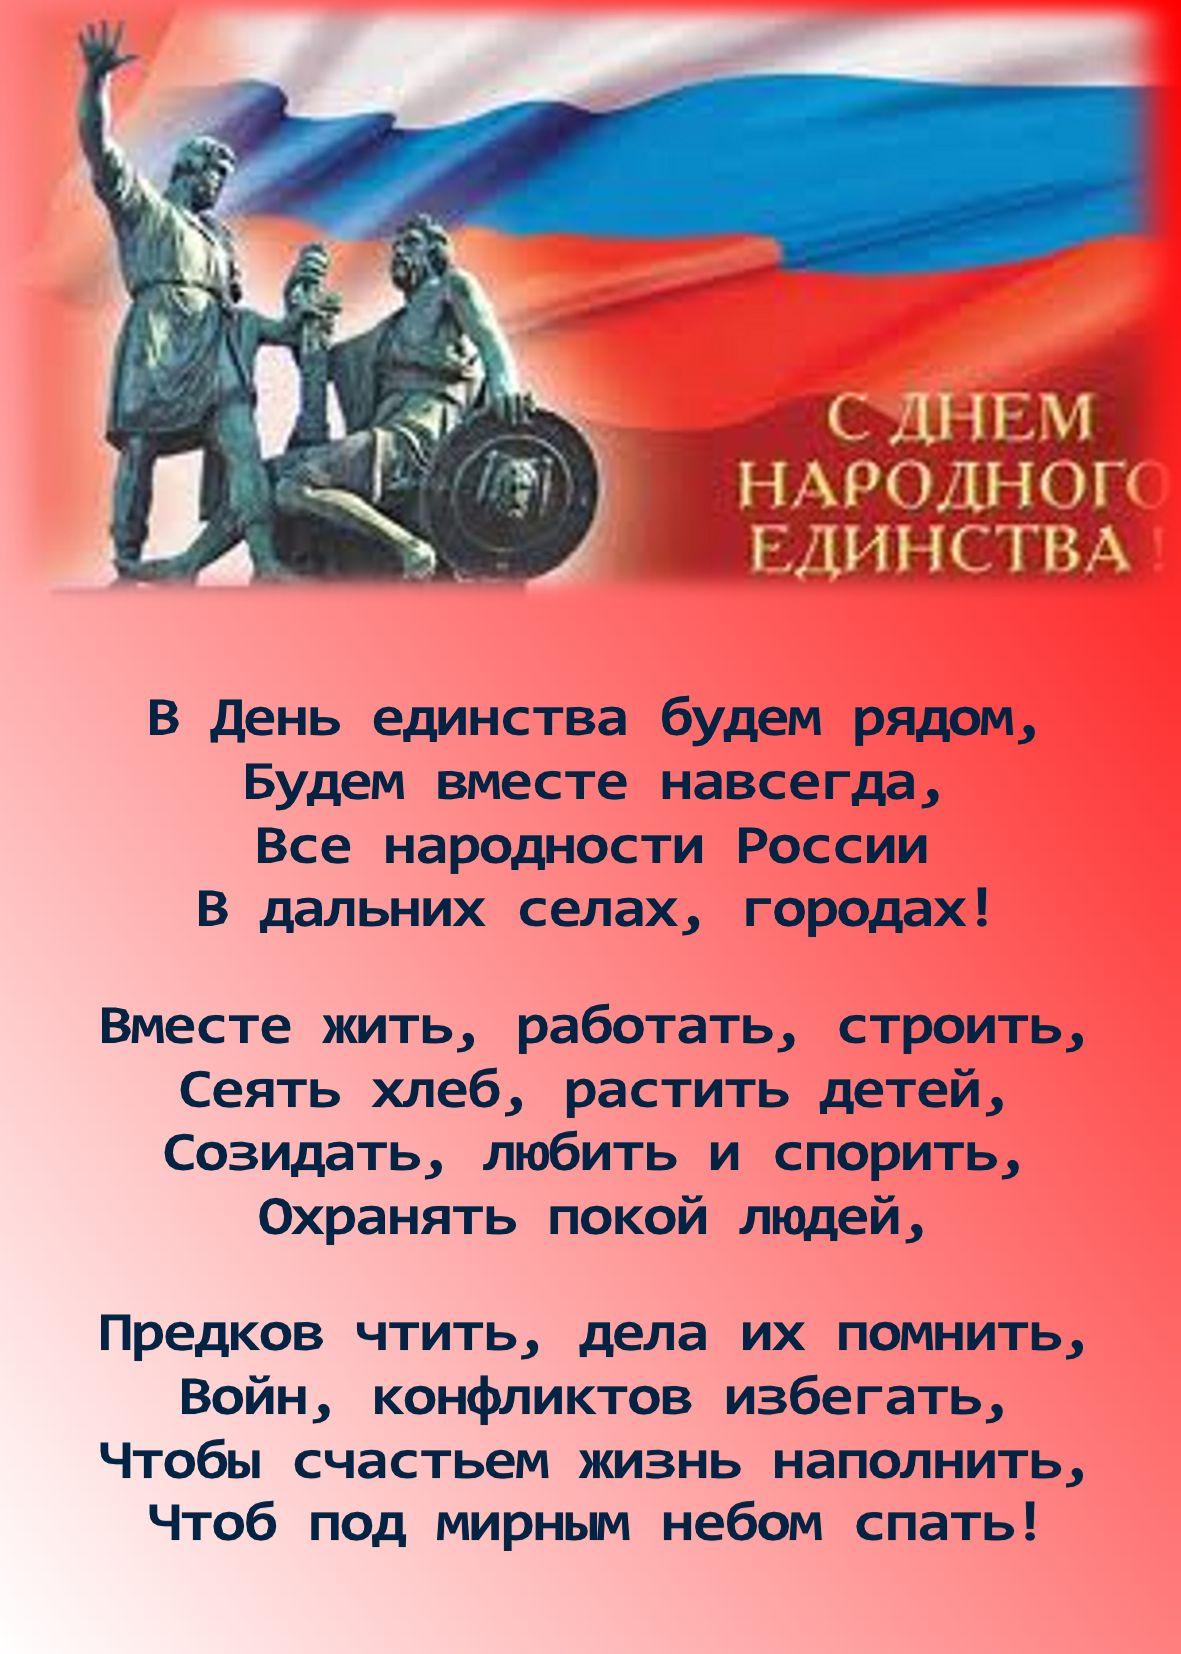 Поздравления с праздником единения россии